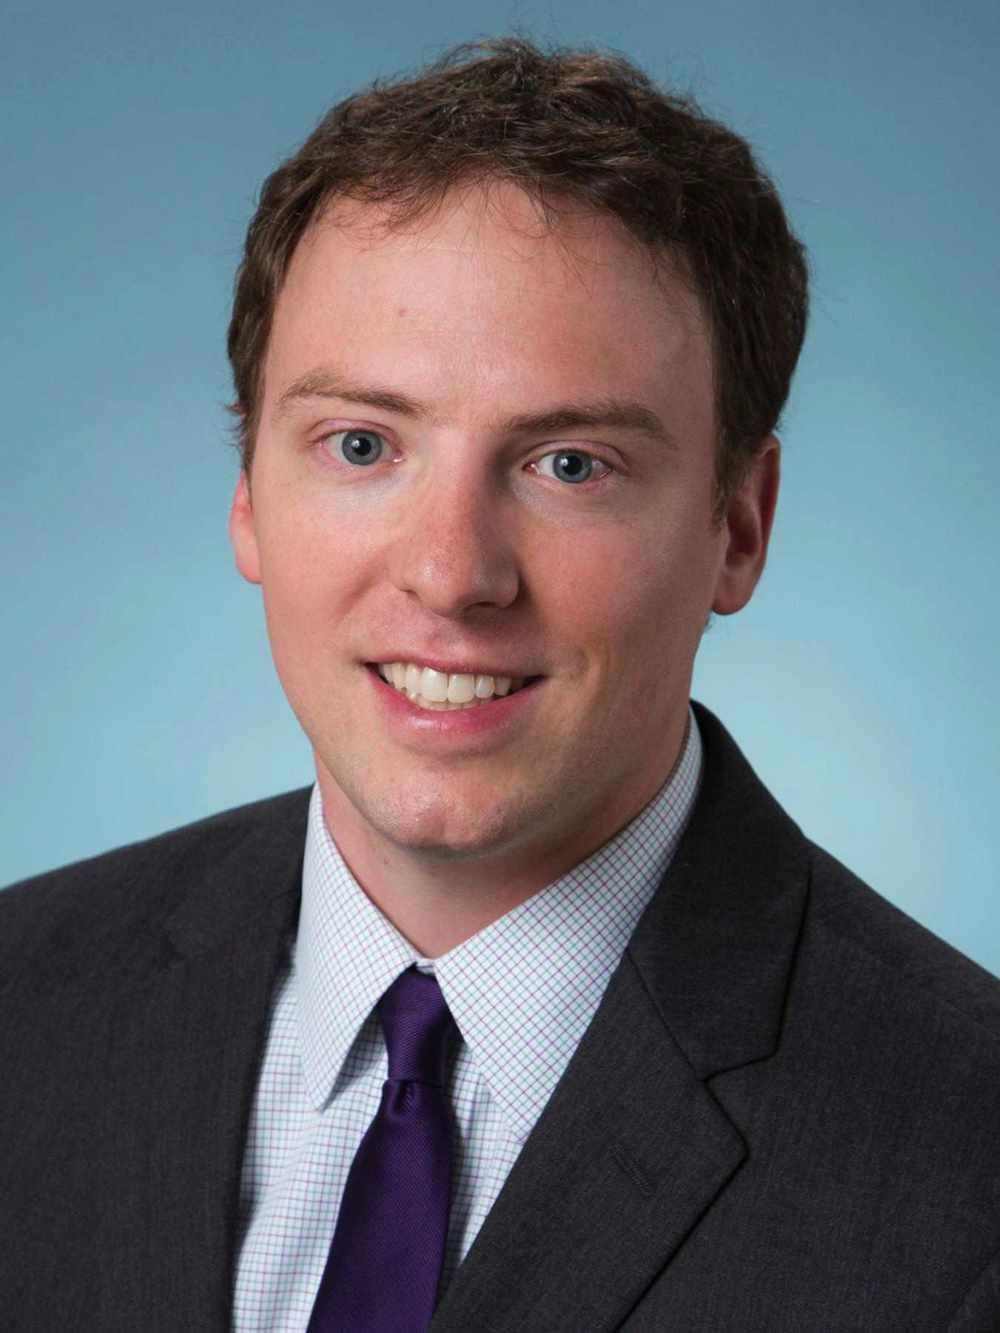 Noah Diminick, MD, FAAP